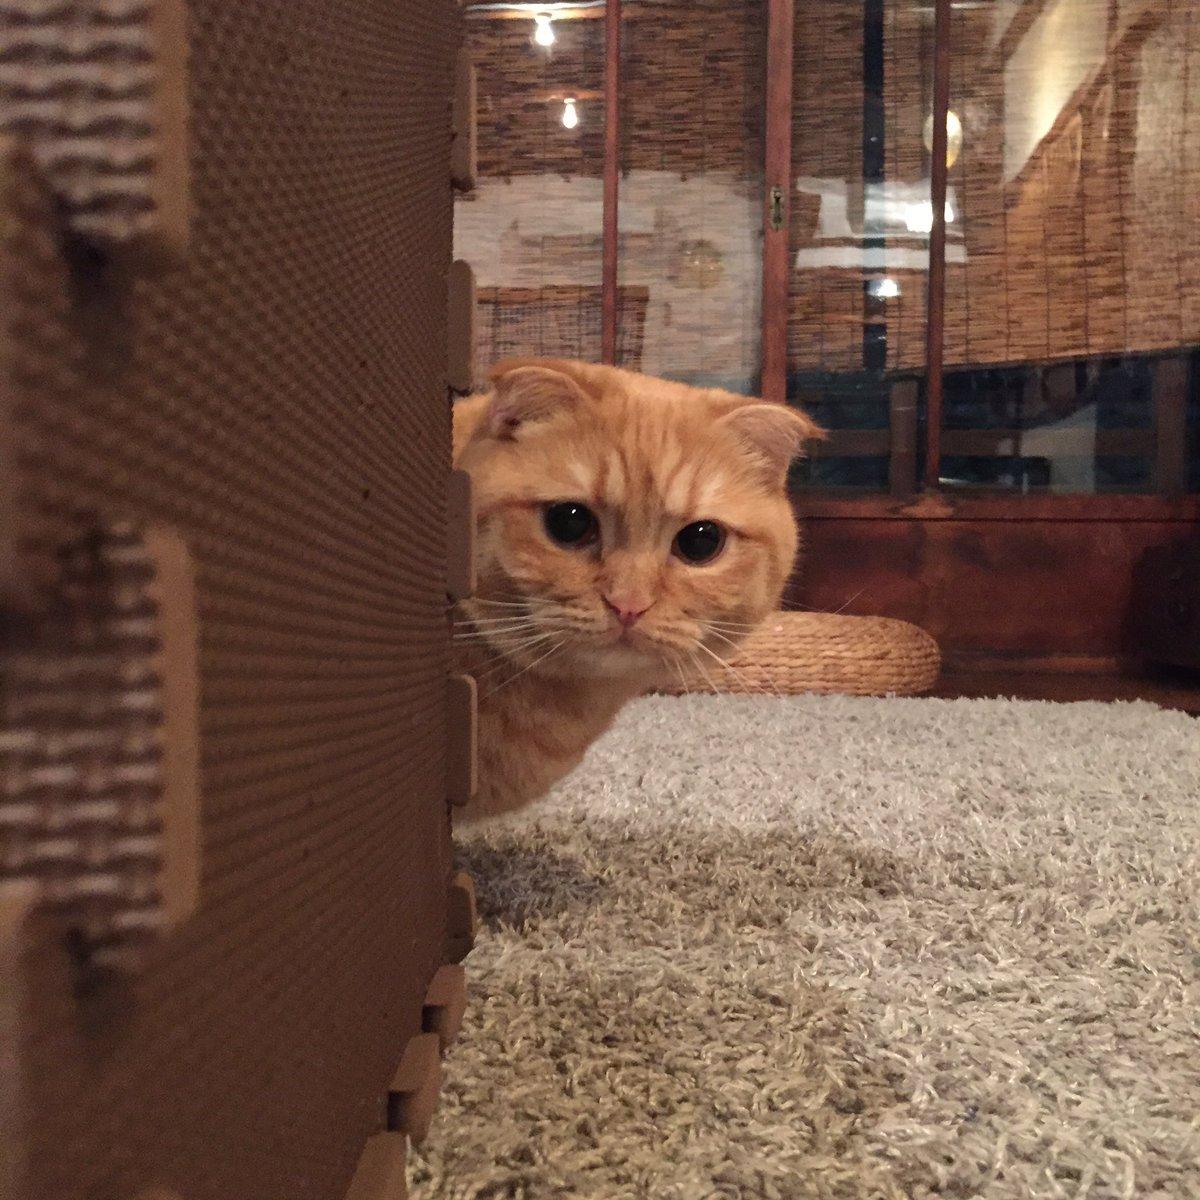 みんな、まだ起きてる?ウニちゃんはめっちゃ元気ねん。 pic.twitter.com/y9eVM3yW02